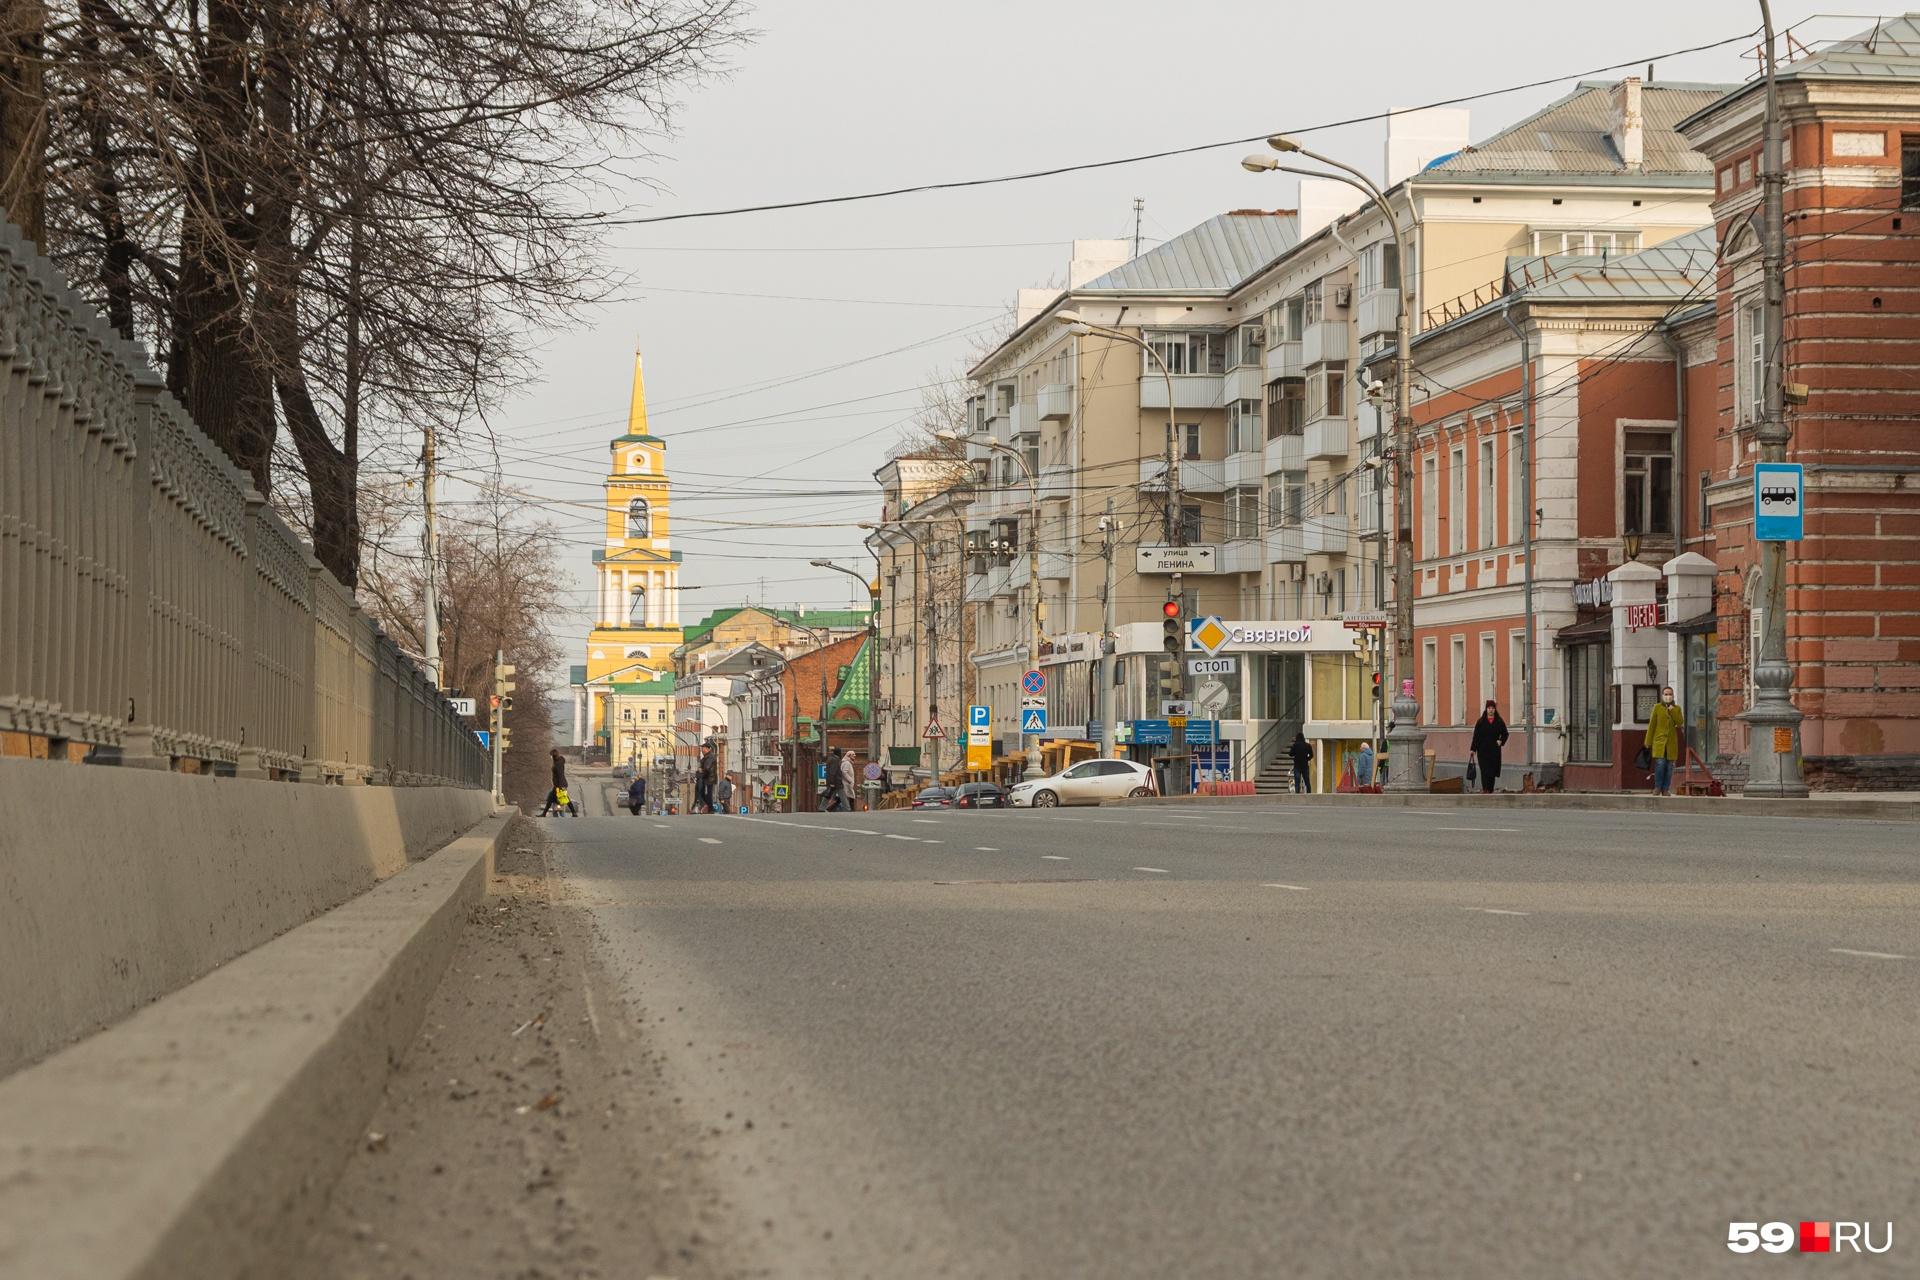 Таким пустым город бывает, когда улицы перекрывают к празднику